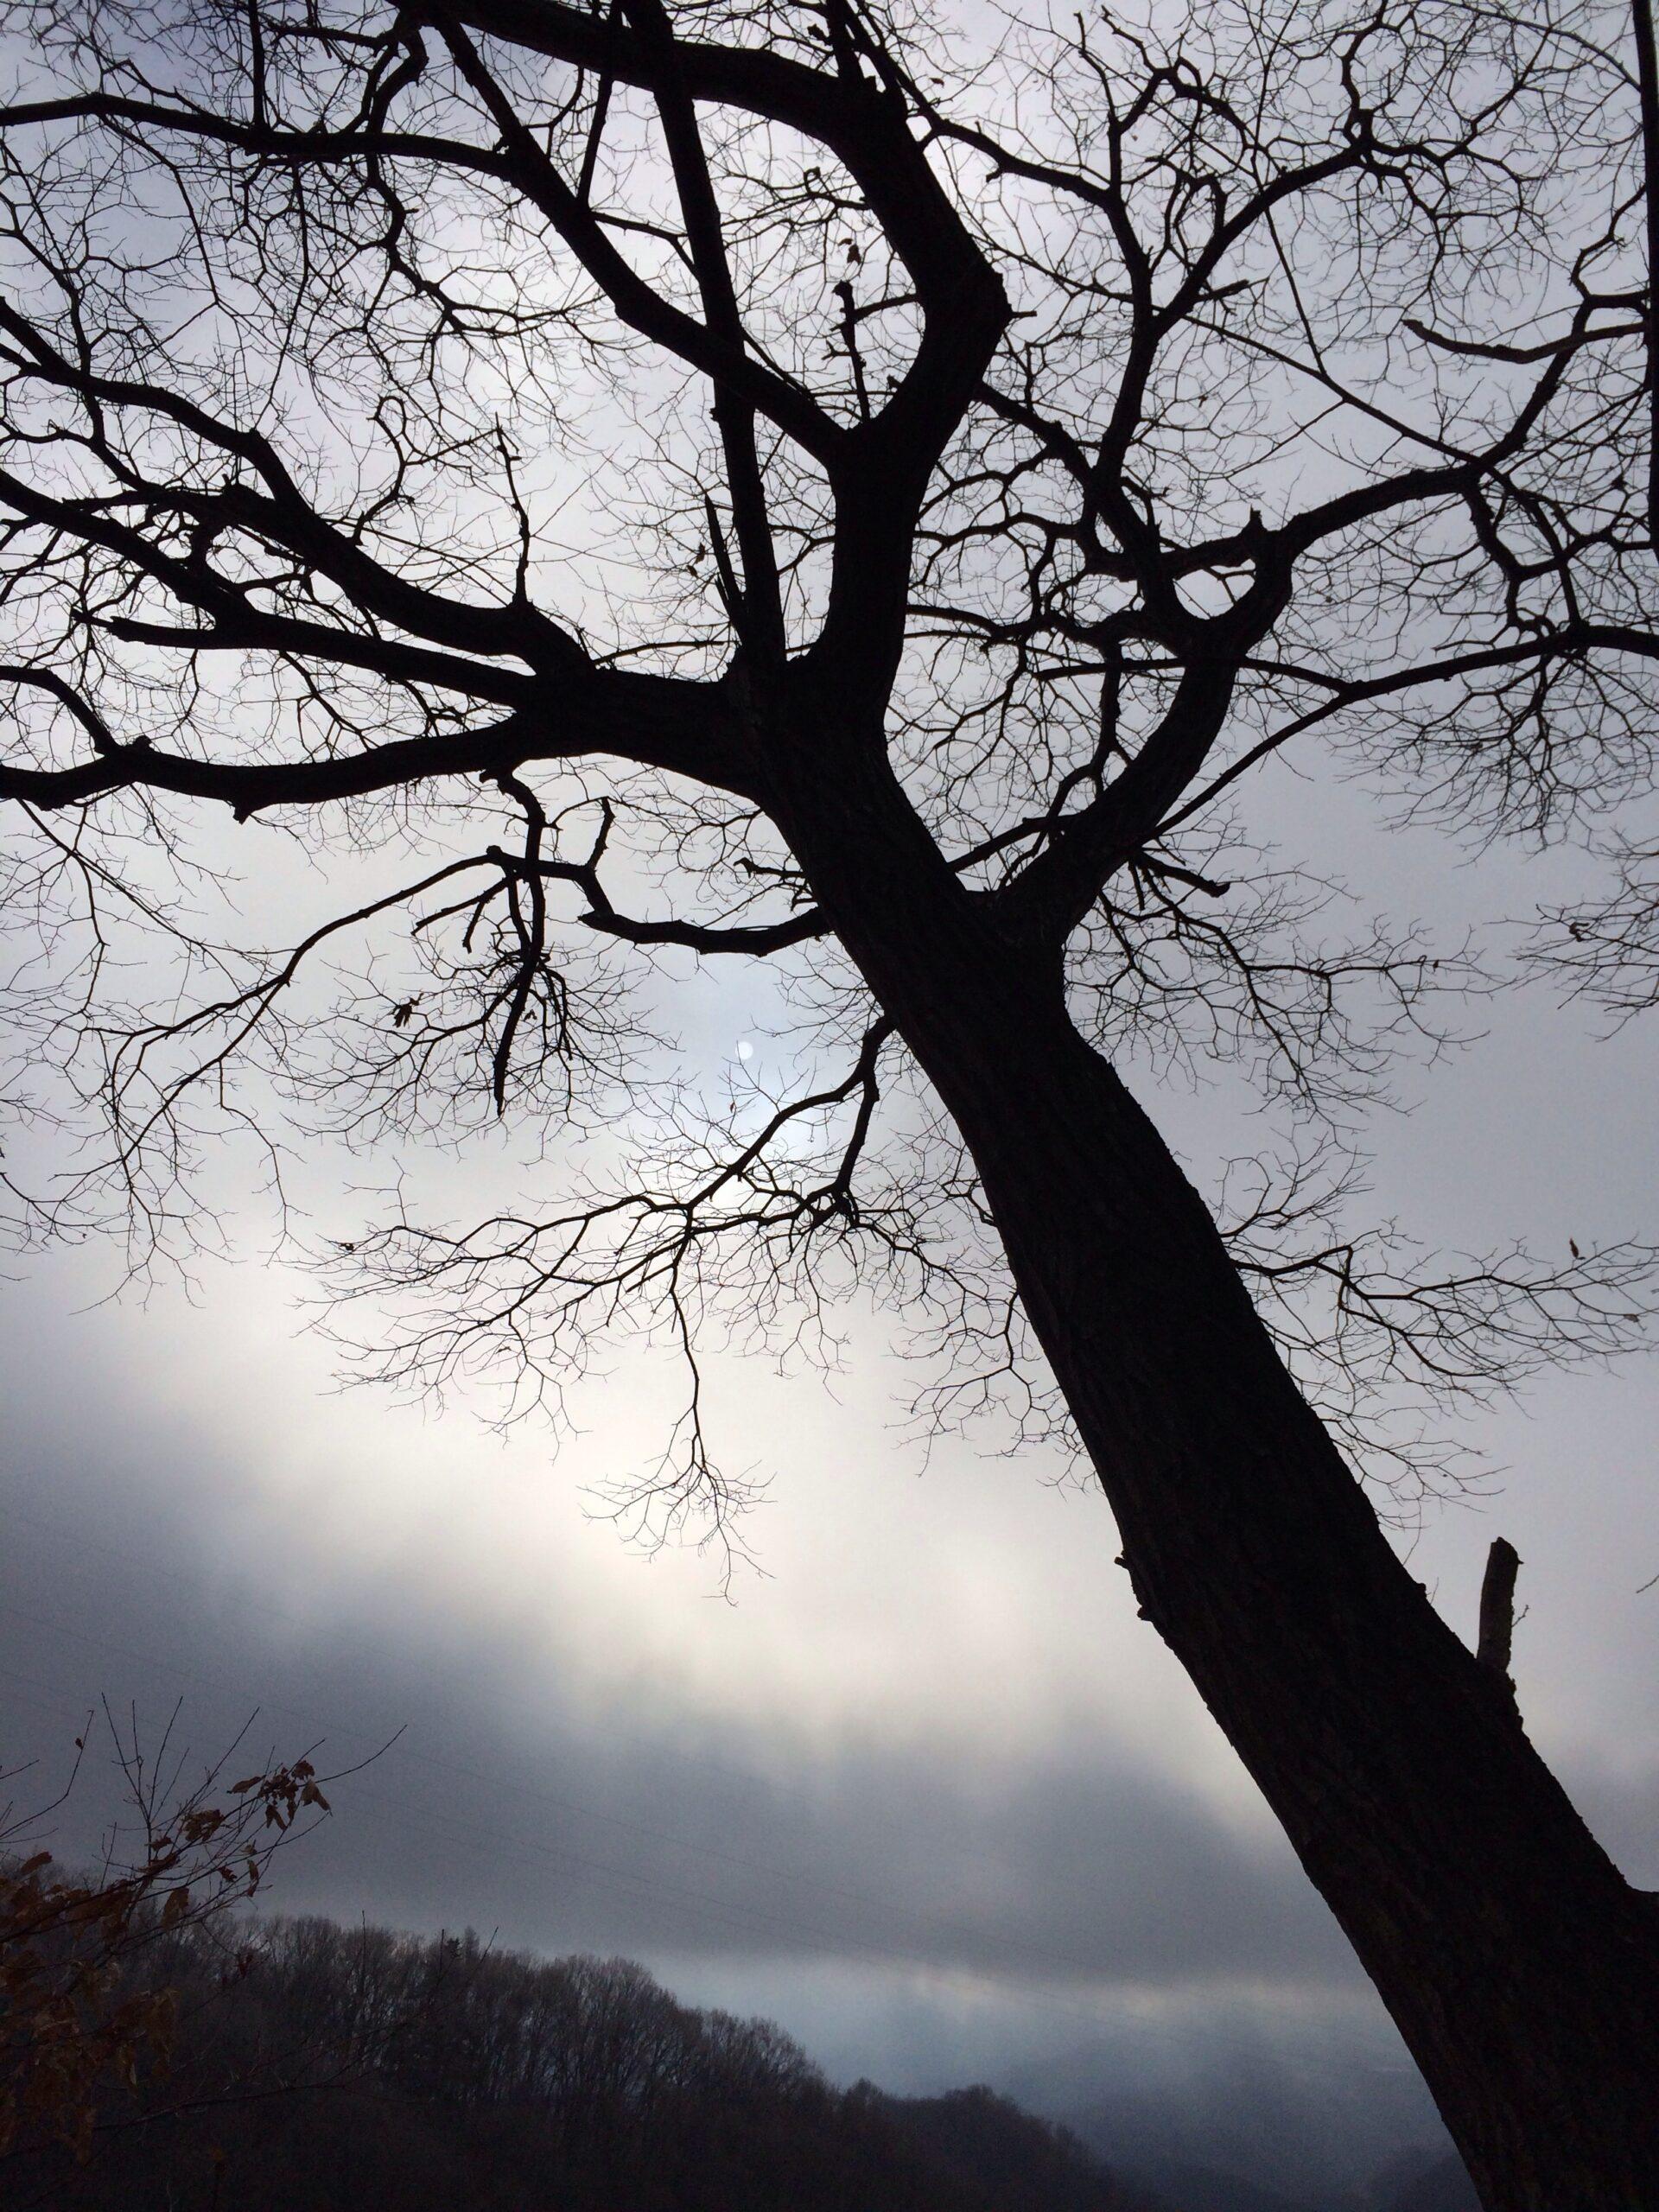 12月7日軽井沢、冬の木々